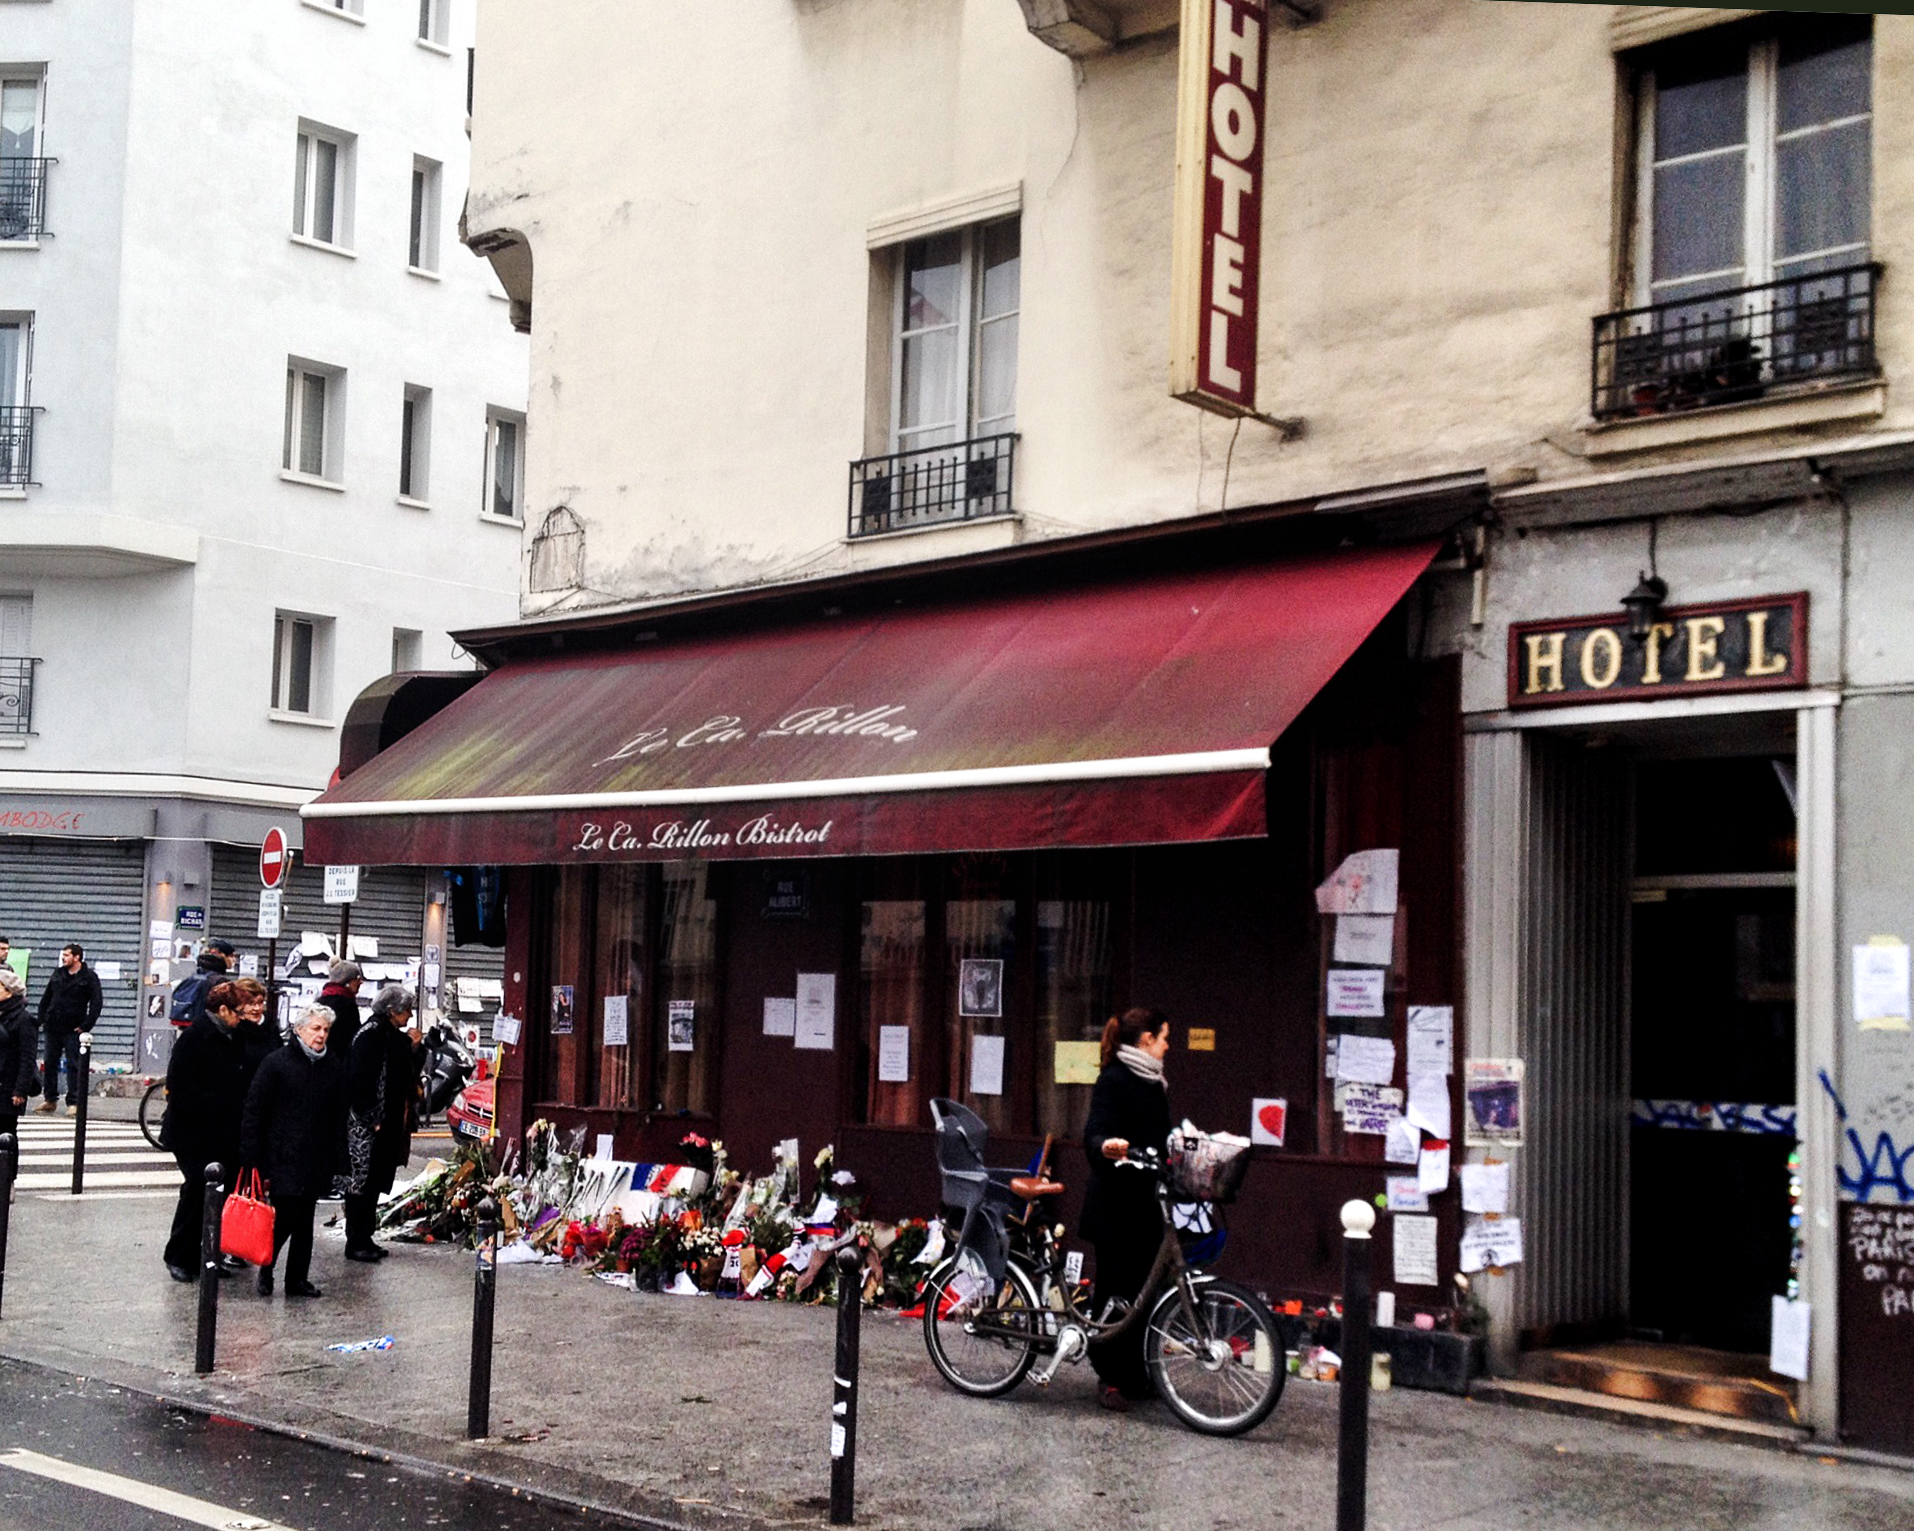 Le Carillon po zamachach. Pod zaatakowaną kawiarnią wciąż palą się światła a przechodnie składają kwiaty (fot. Ana Brzezińska)